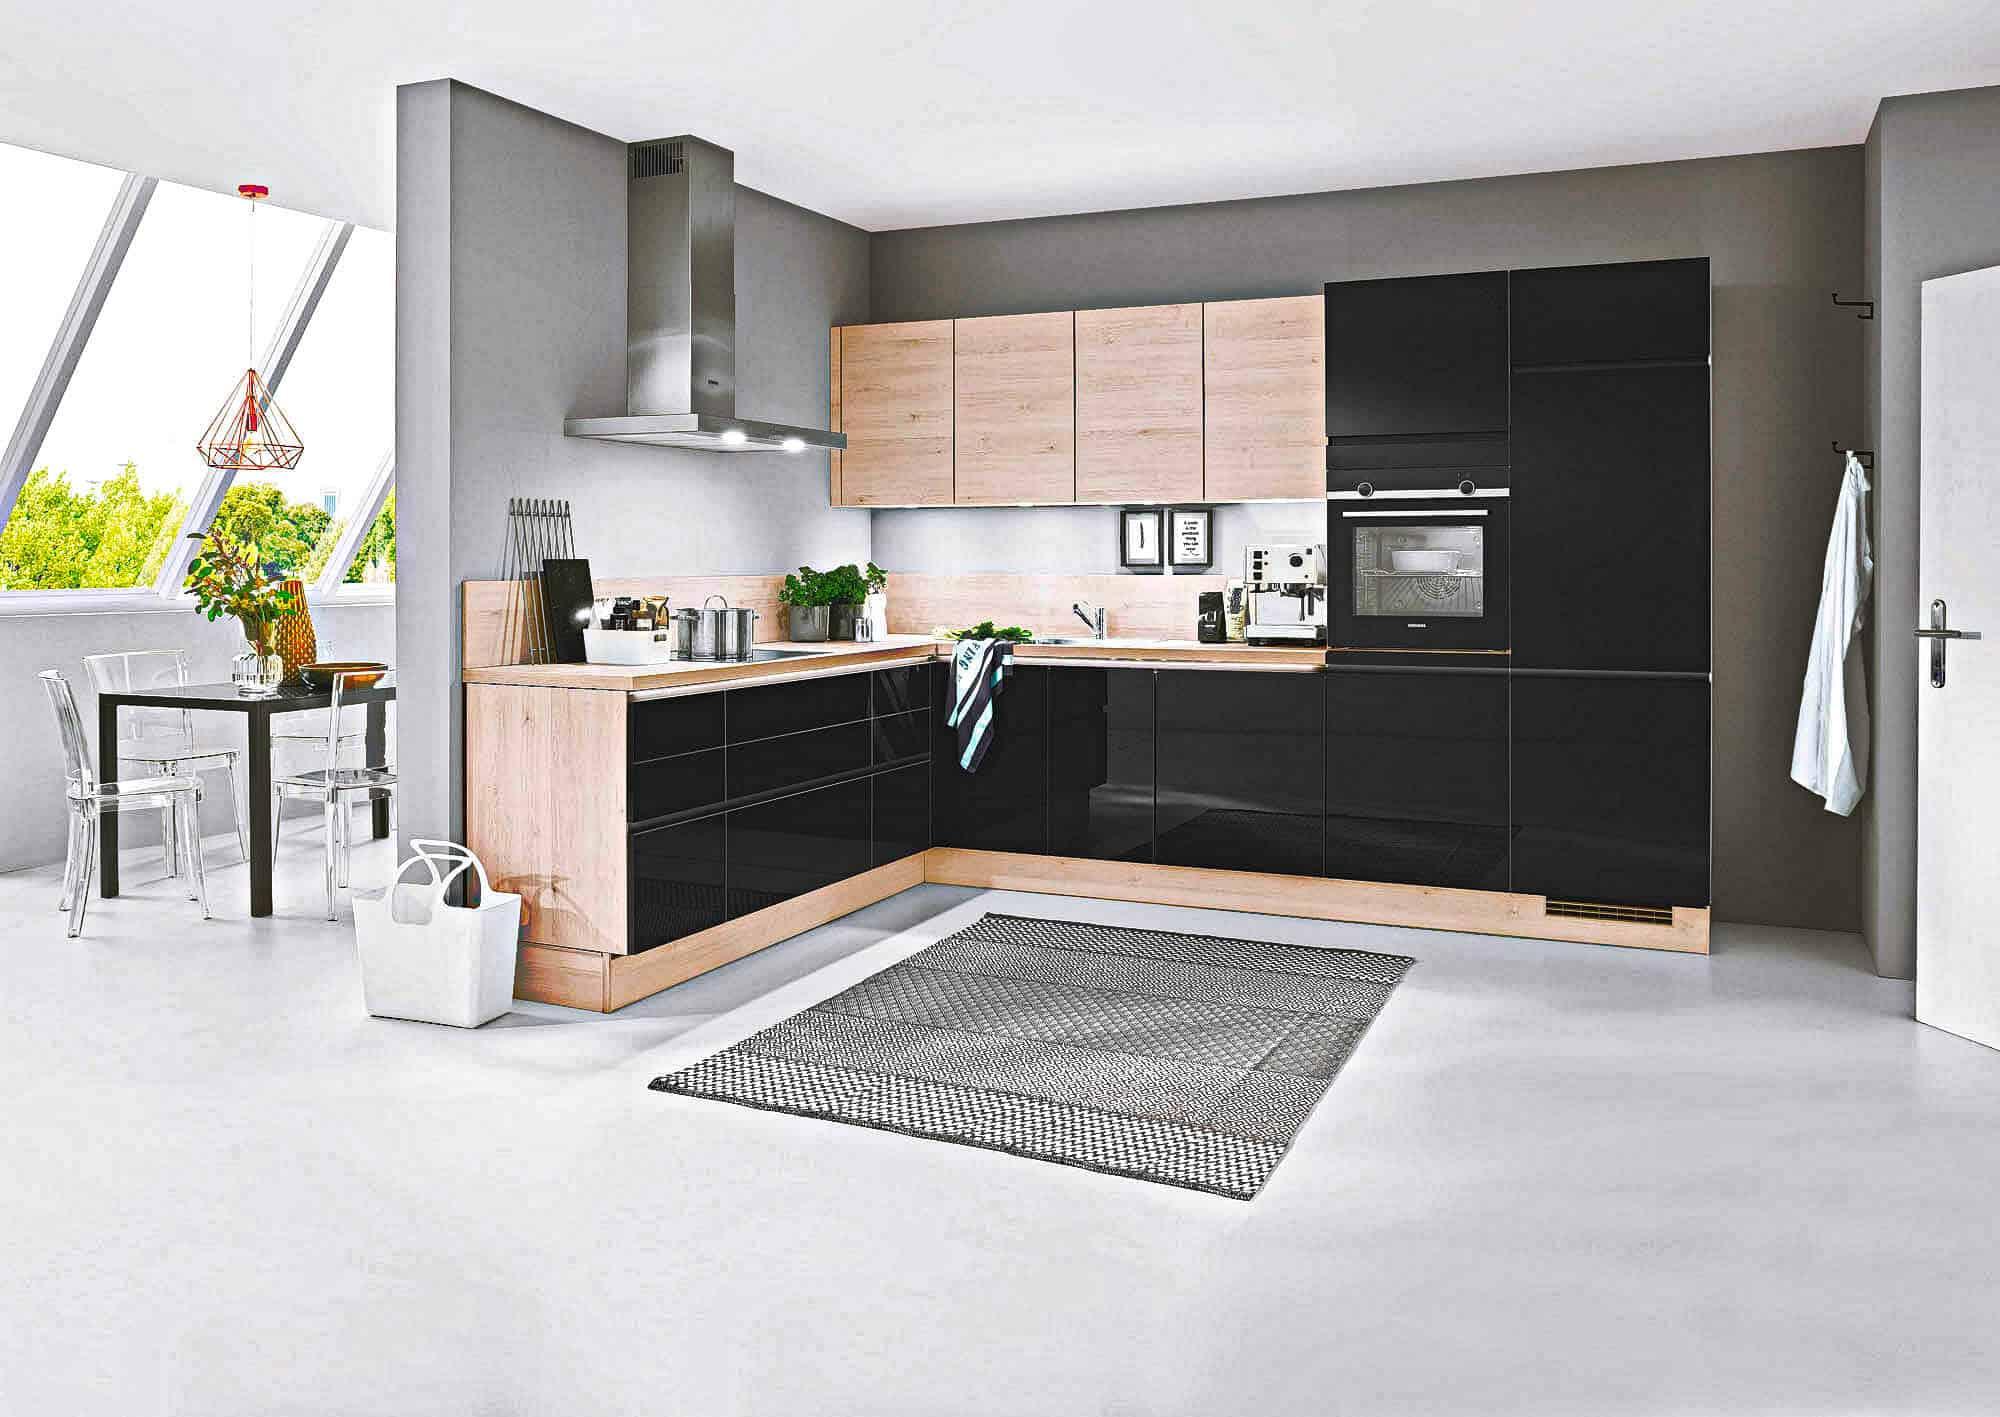 Küche nach Bauform